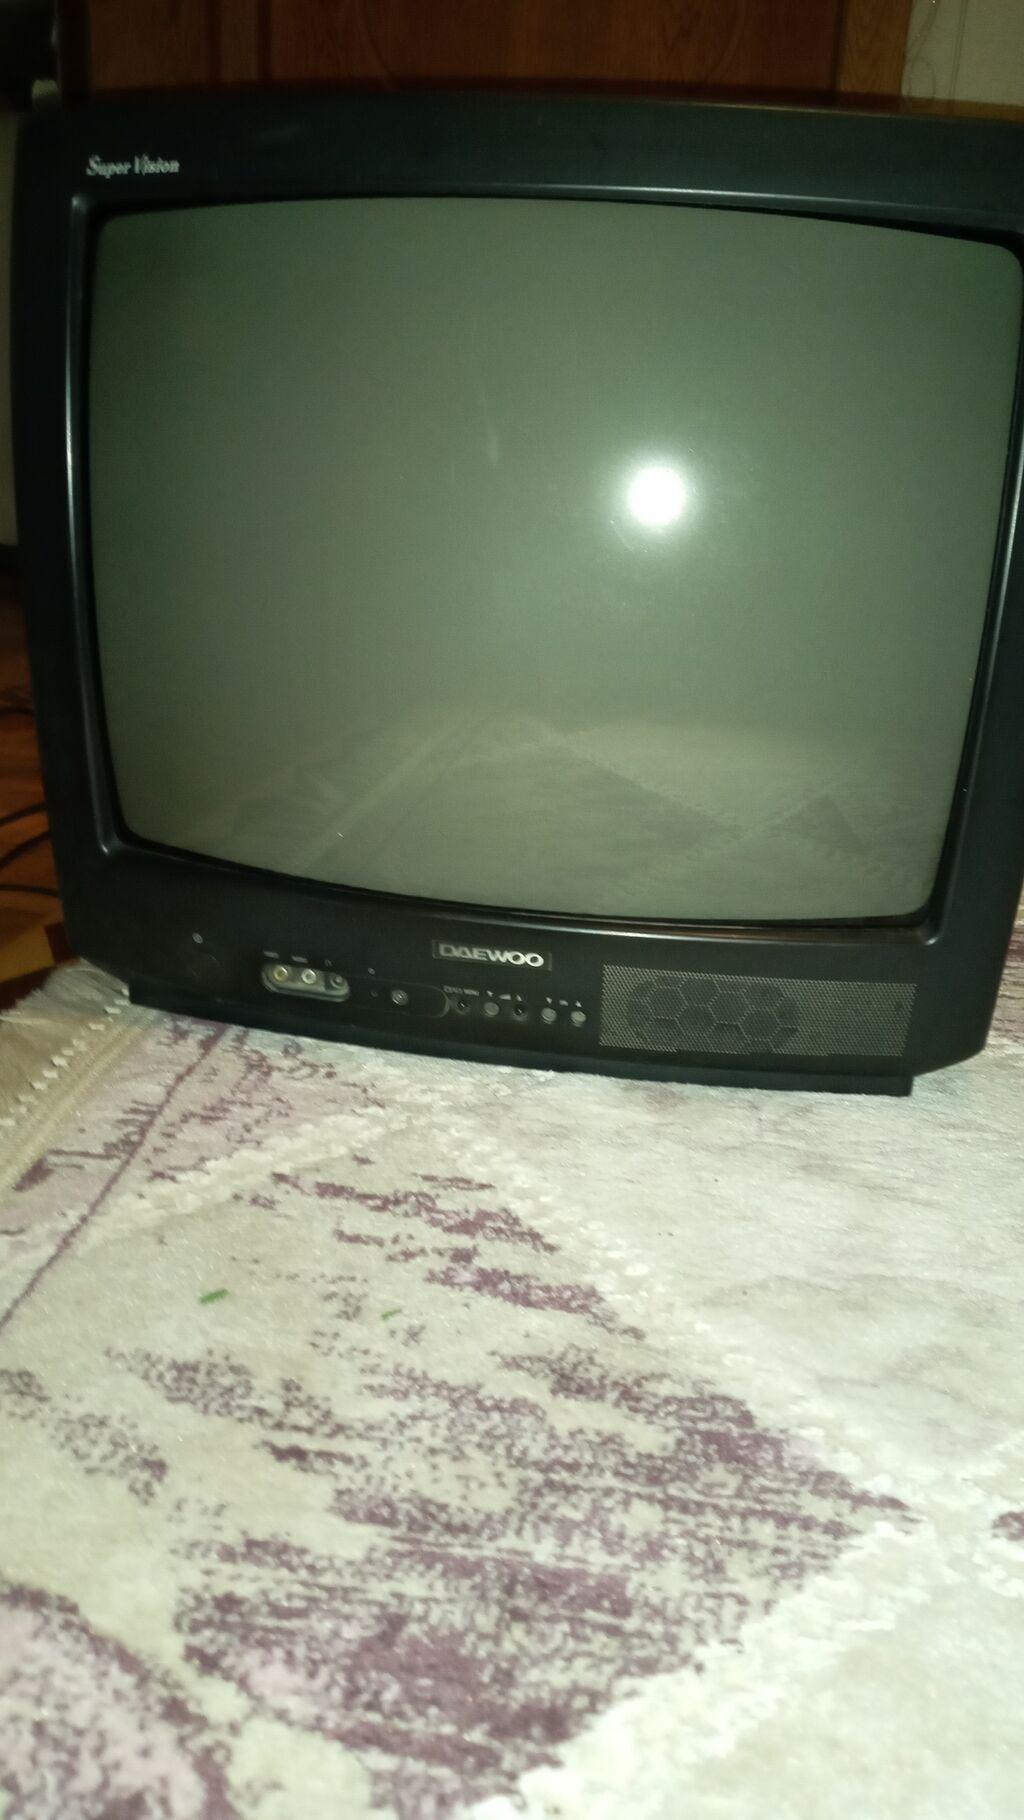 Televizor ustalari maraqlansin.qiymet razilasma yolu ile: Televizor ustalari maraqlansin.qiymet razilasma yolu ile